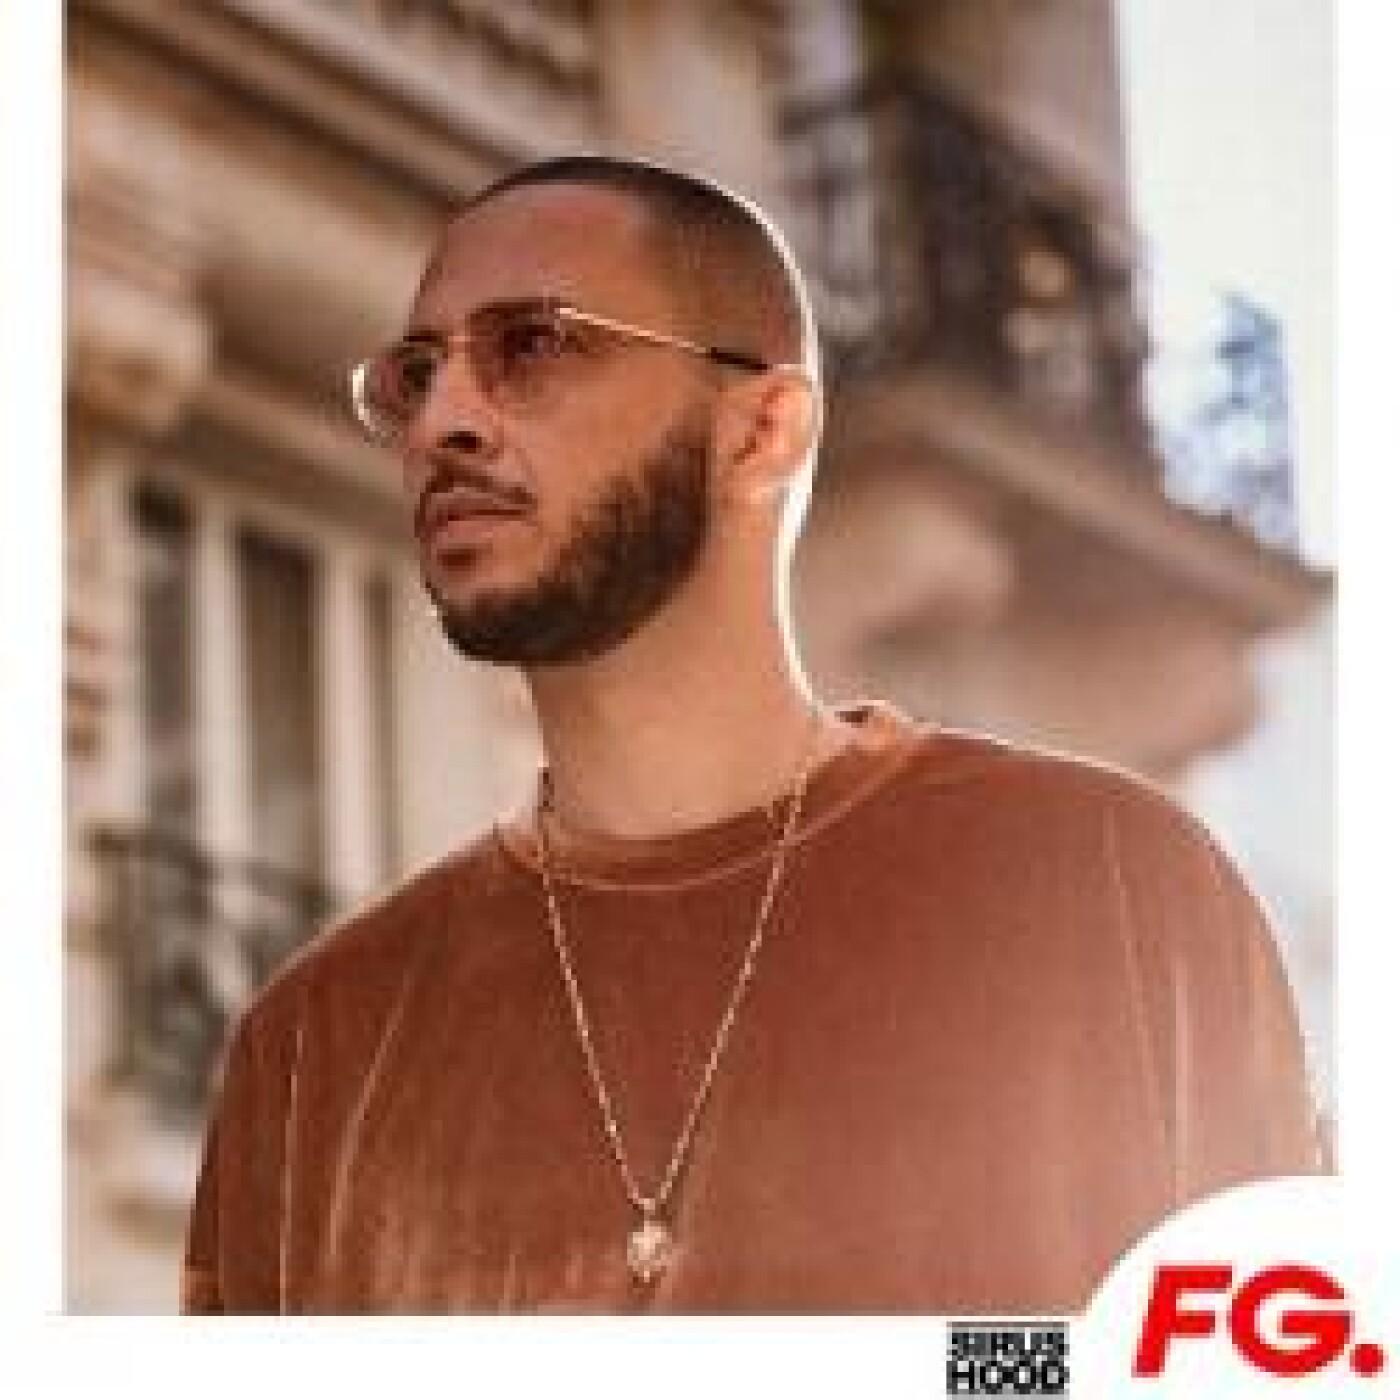 CLUB FG : SIRUS HOOD